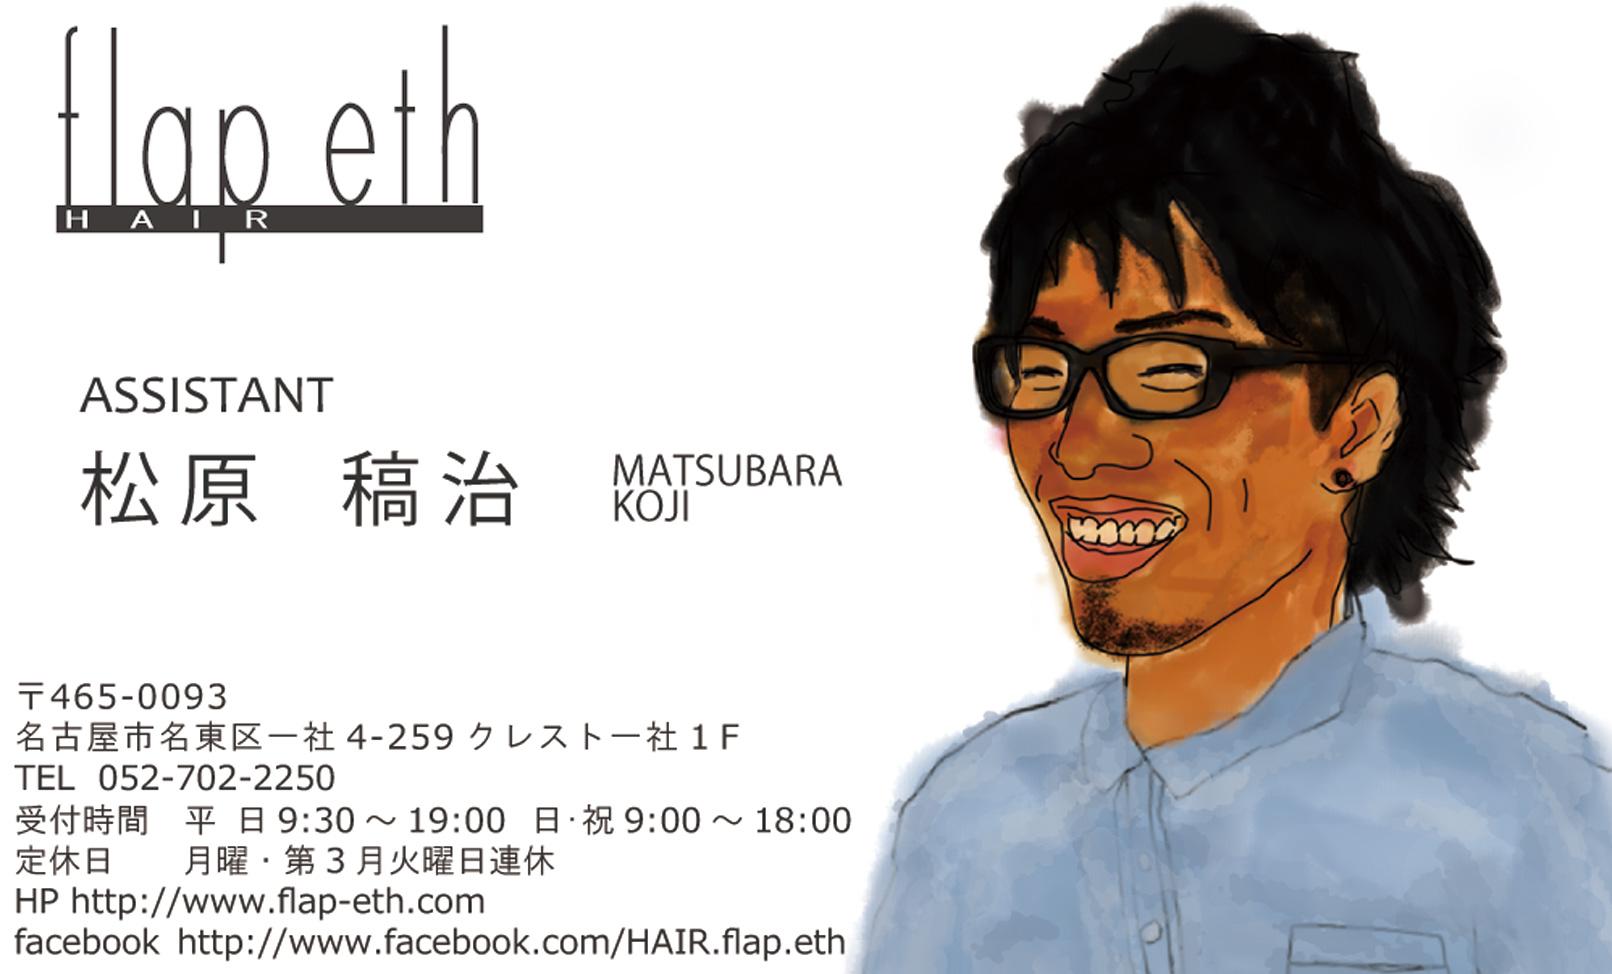 名刺エンスタジオ名古屋デザイン販促物HP